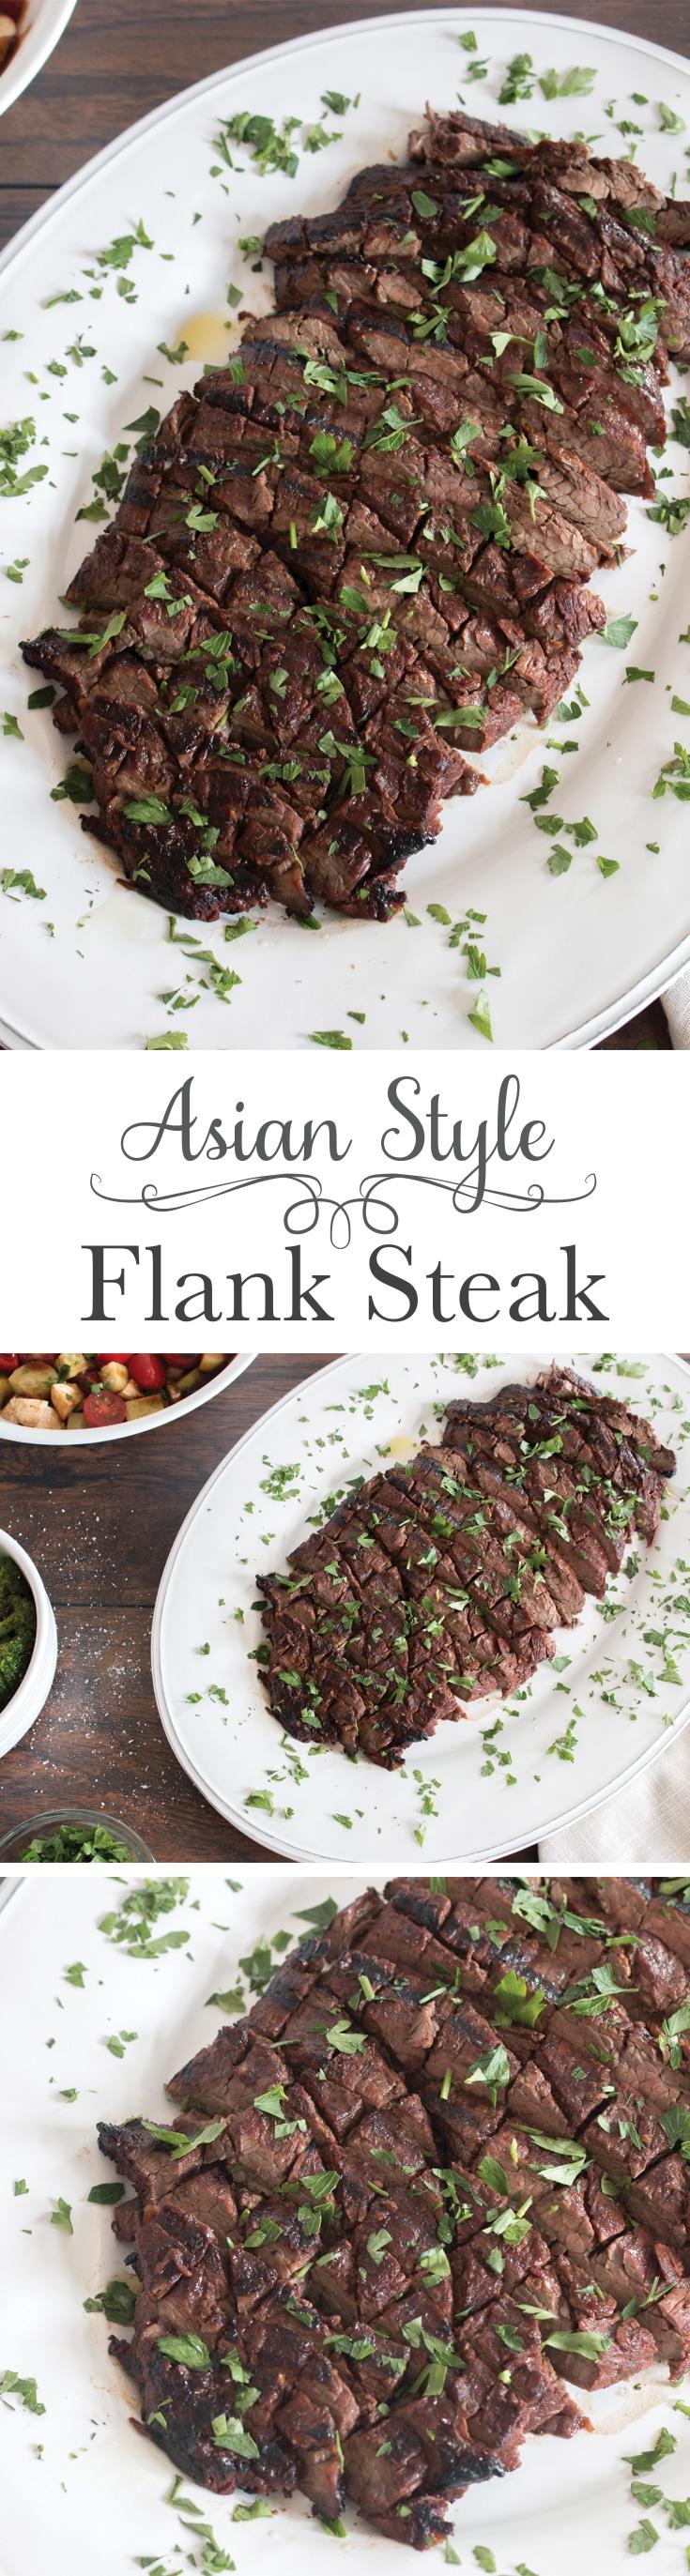 Asian style steak nude pics 2019